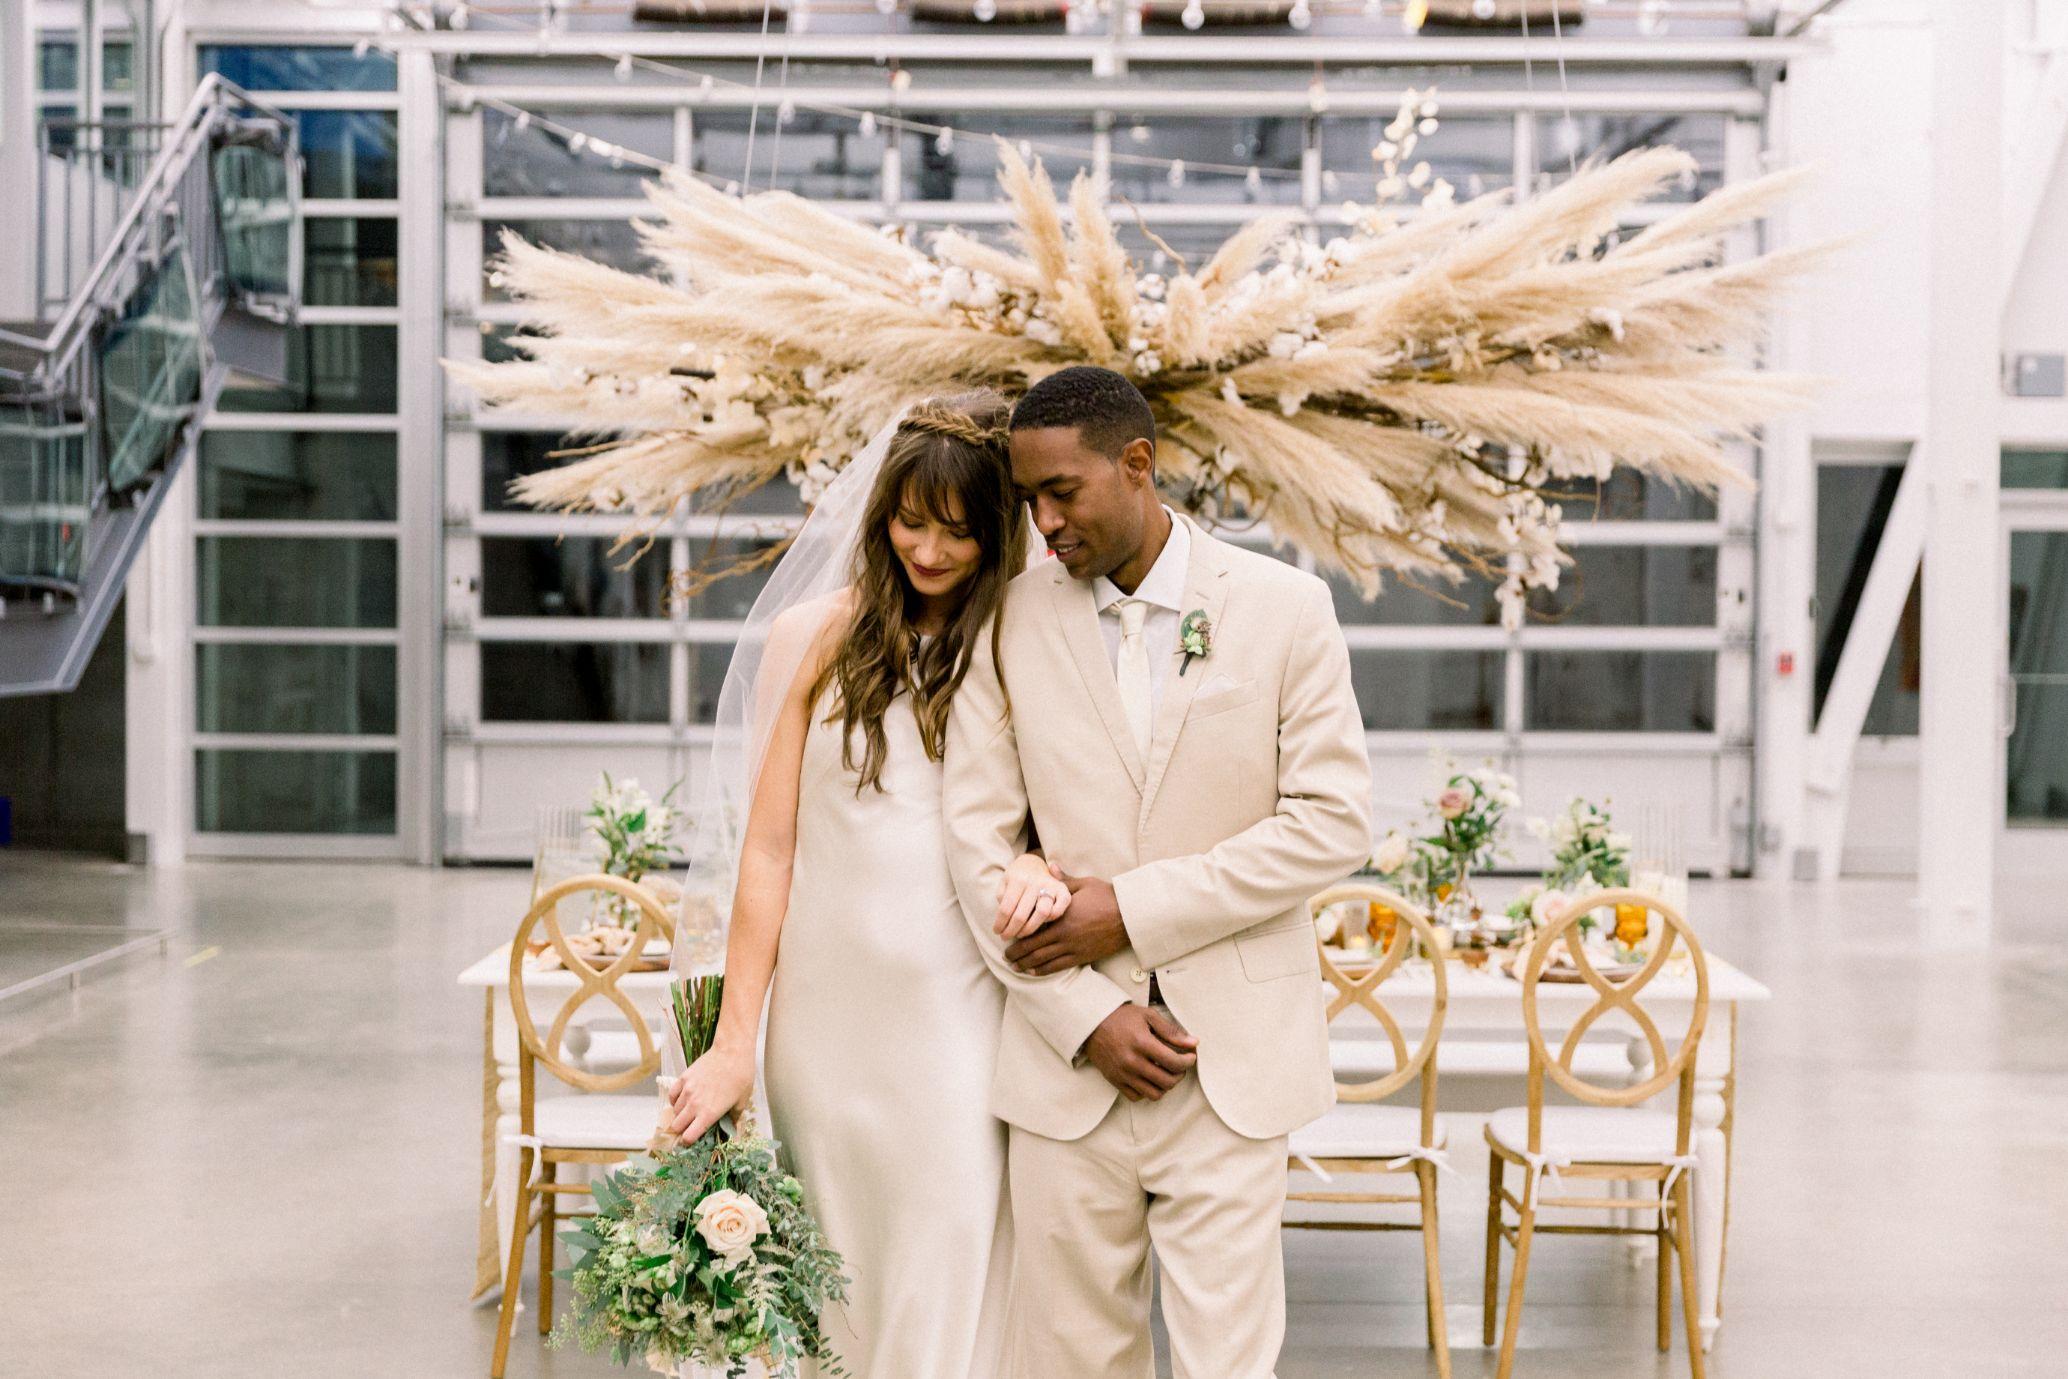 artists-for-humanity-industrial-bohemian-wedding-daylynn-designs267.jpg